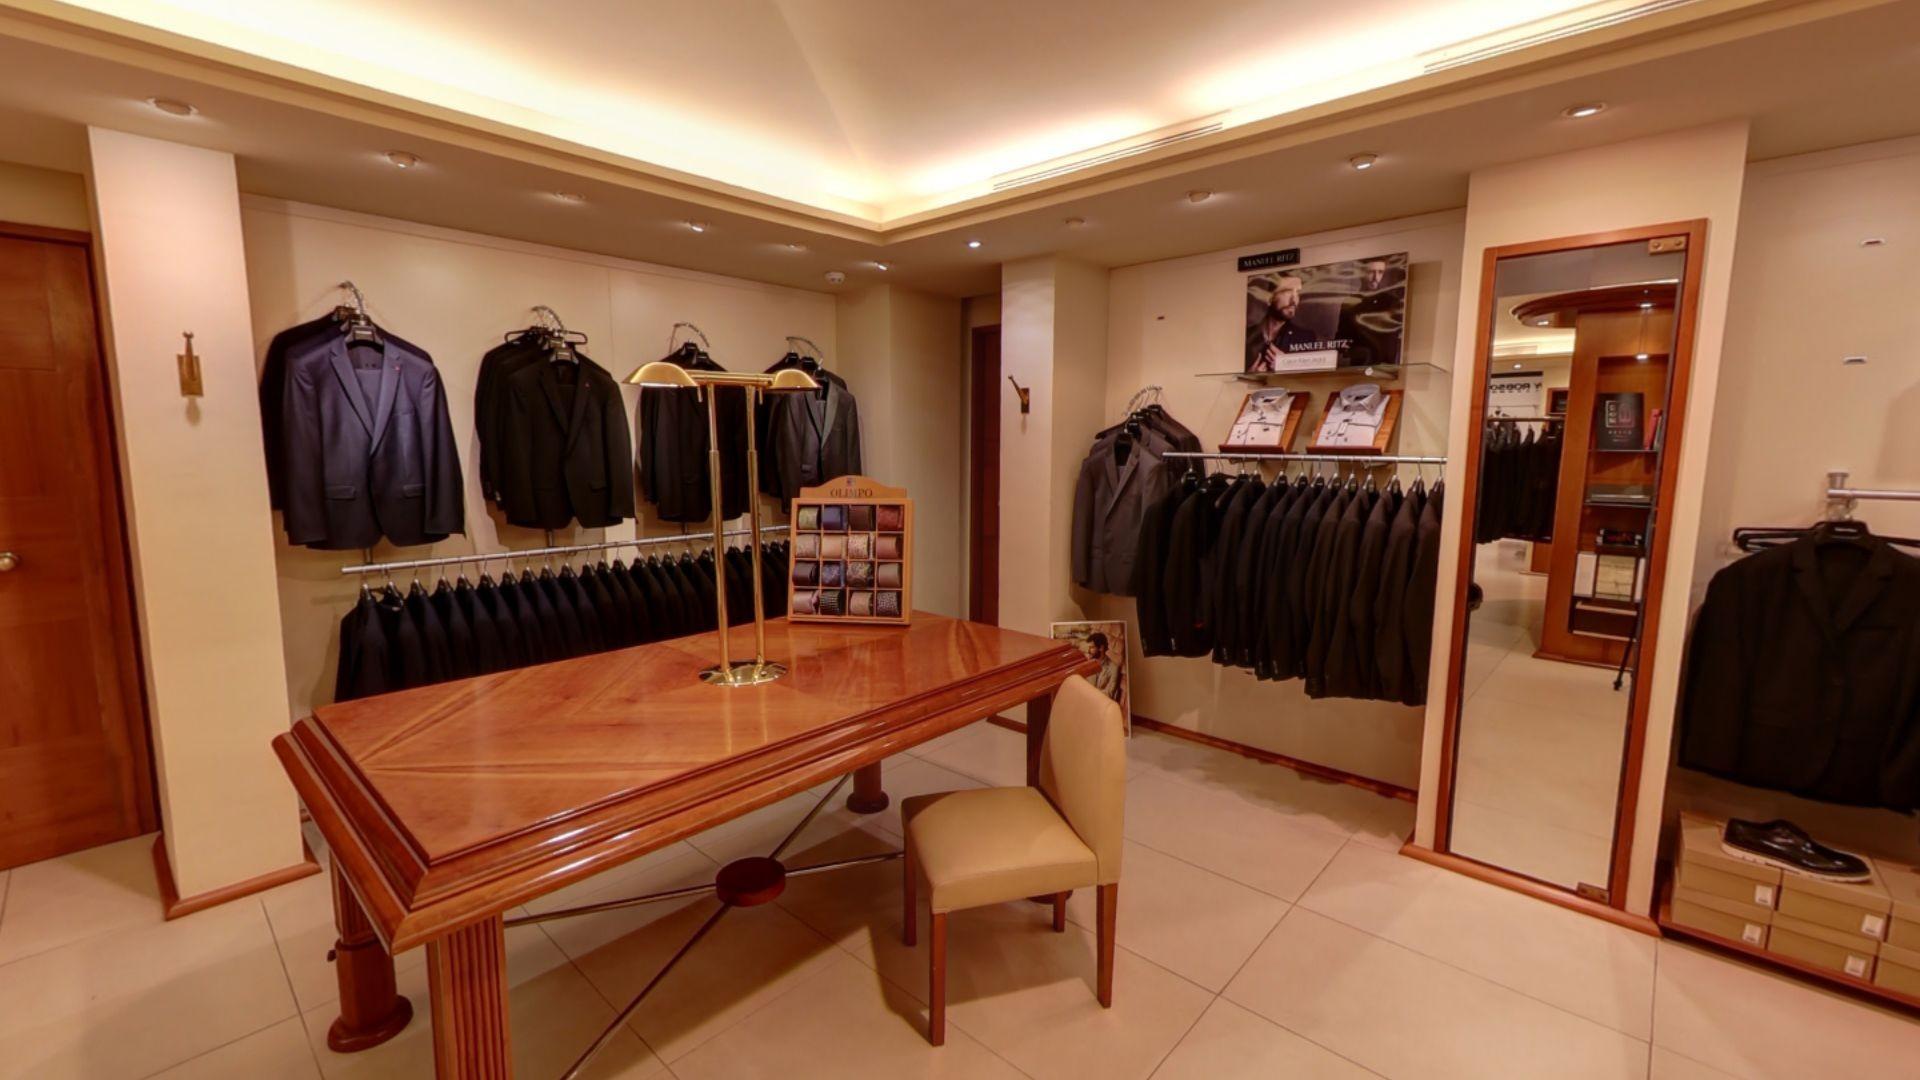 Tienda de ropa para hombre en Tarragona